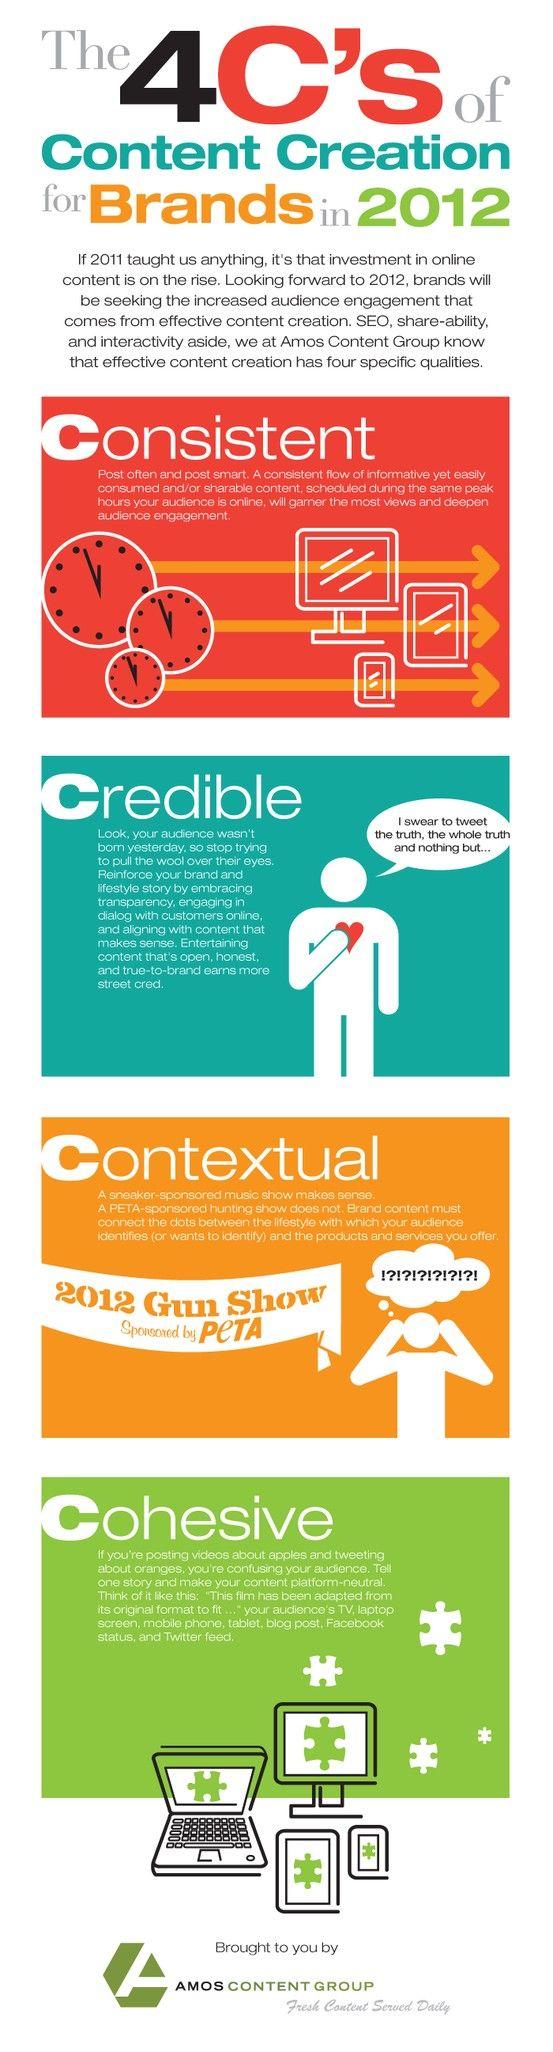 las 4 c s de la creación de contenidos para marcas en 2012